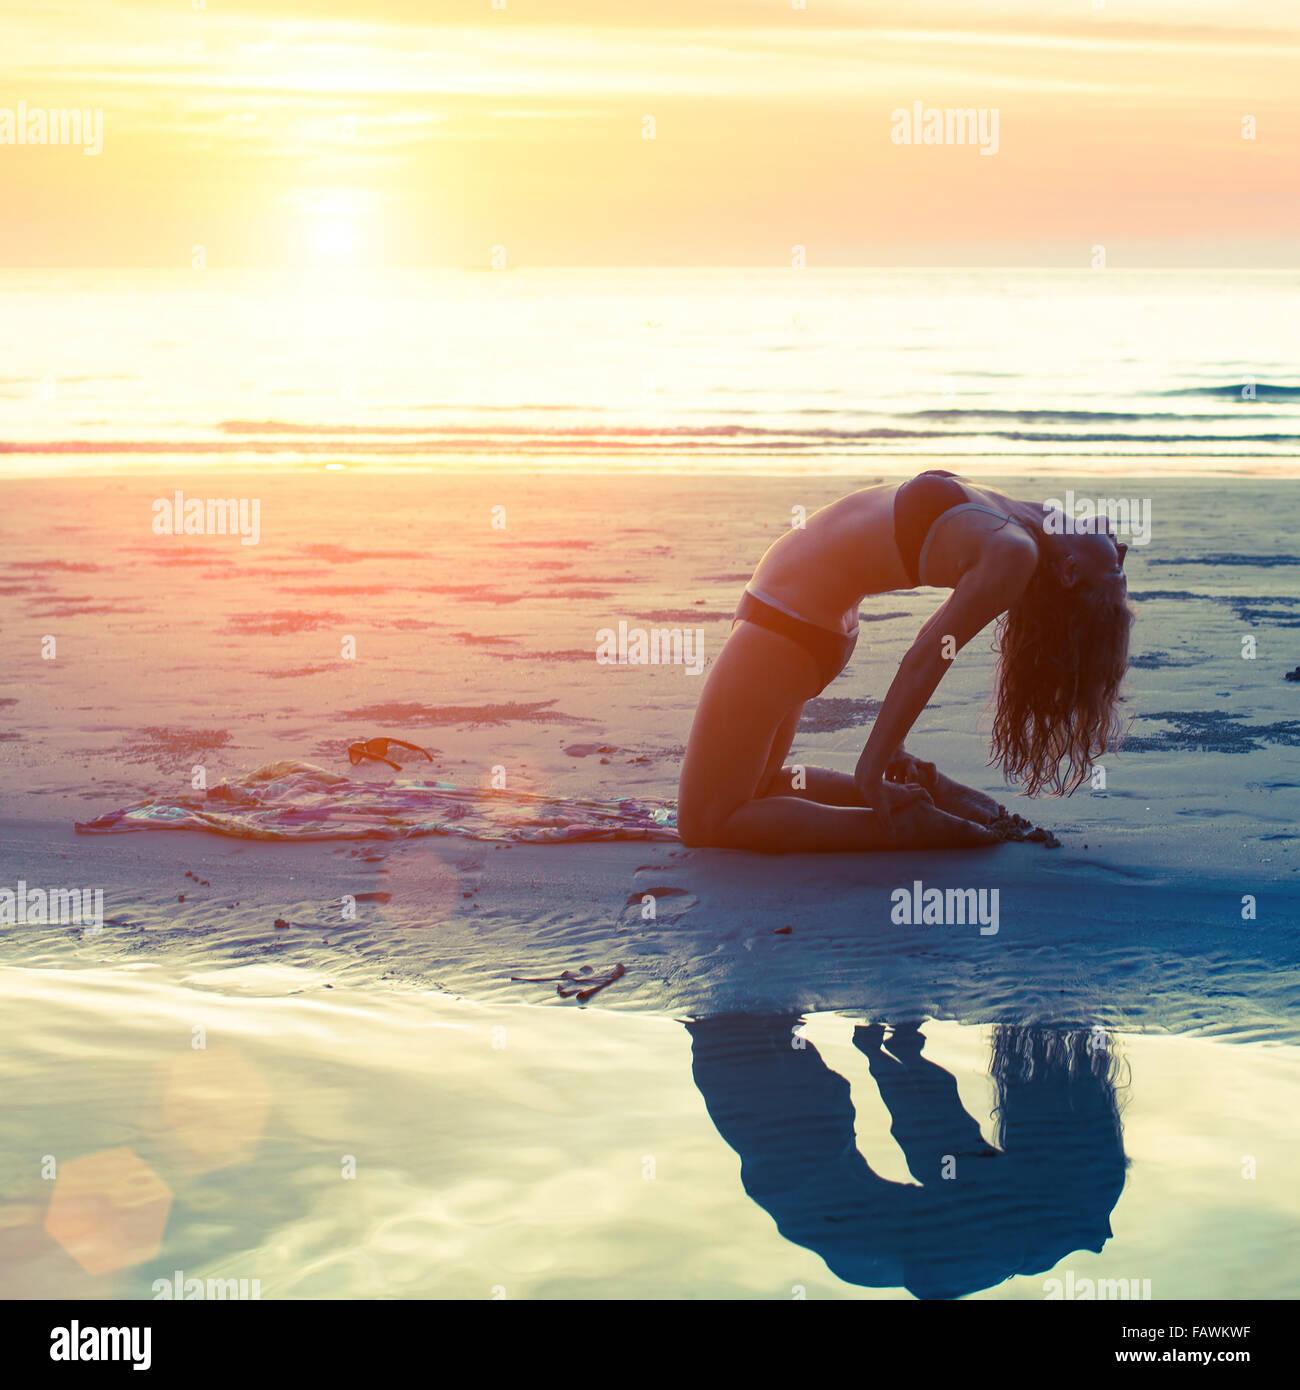 Ragazza giovane esegue esercizi yoga sulla spiaggia durante il tramonto. Lo Yoga, fitness e uno stile di vita sano. Immagini Stock